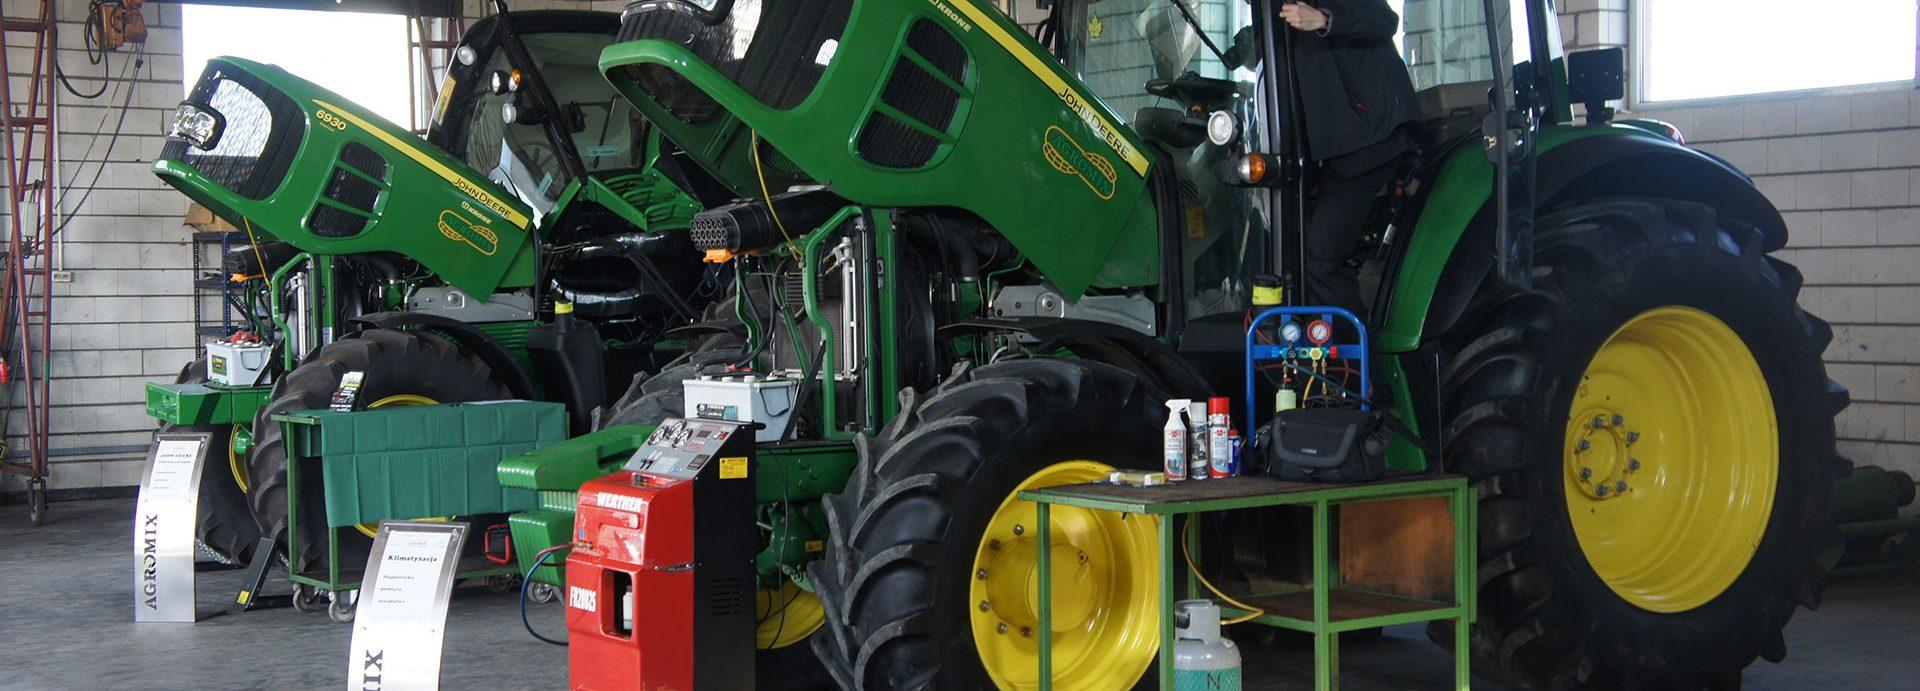 Serwis maszyn rolniczych